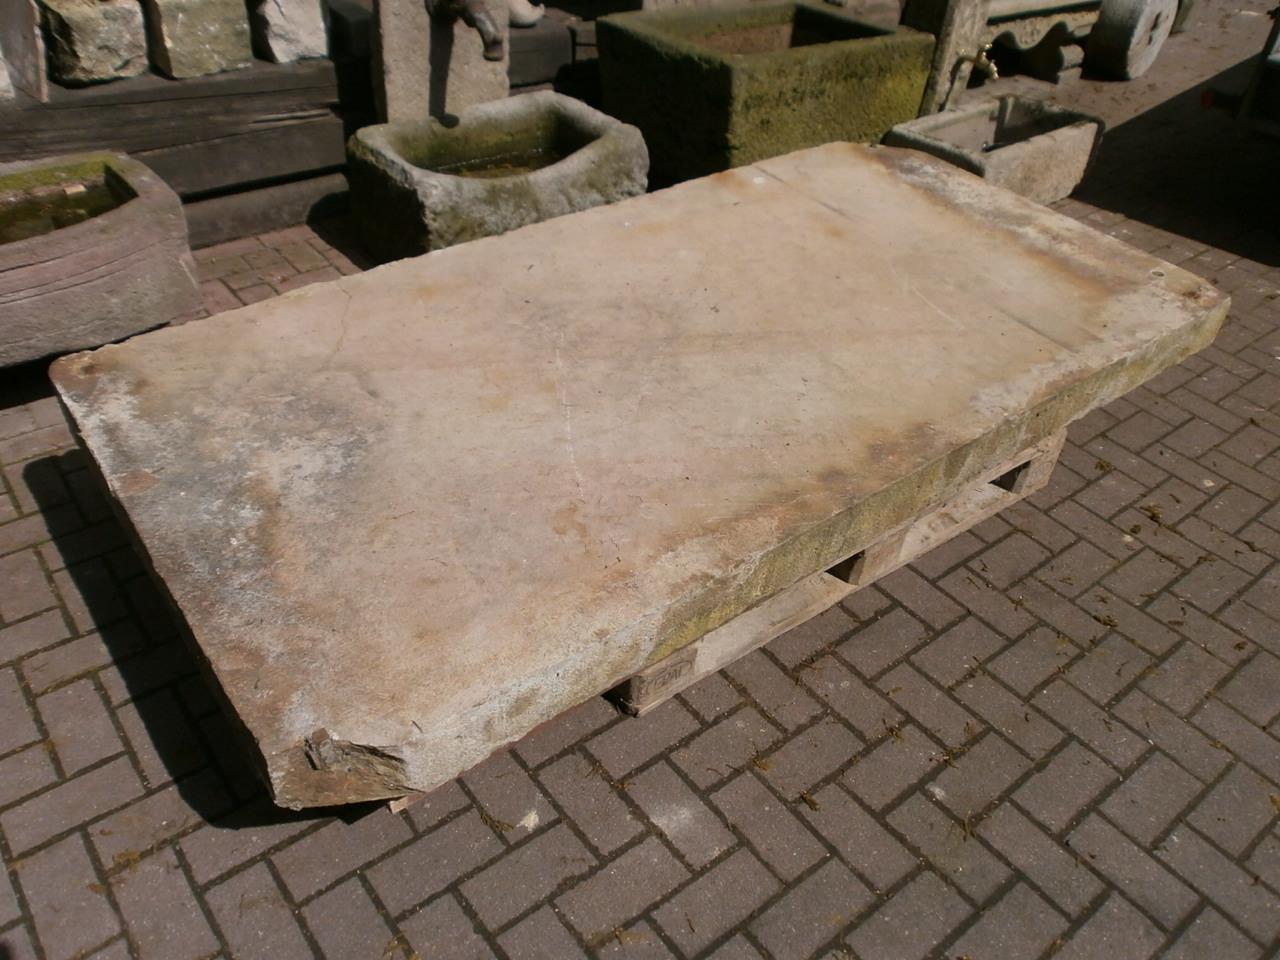 Tolle Podestplatte aus Sandstein